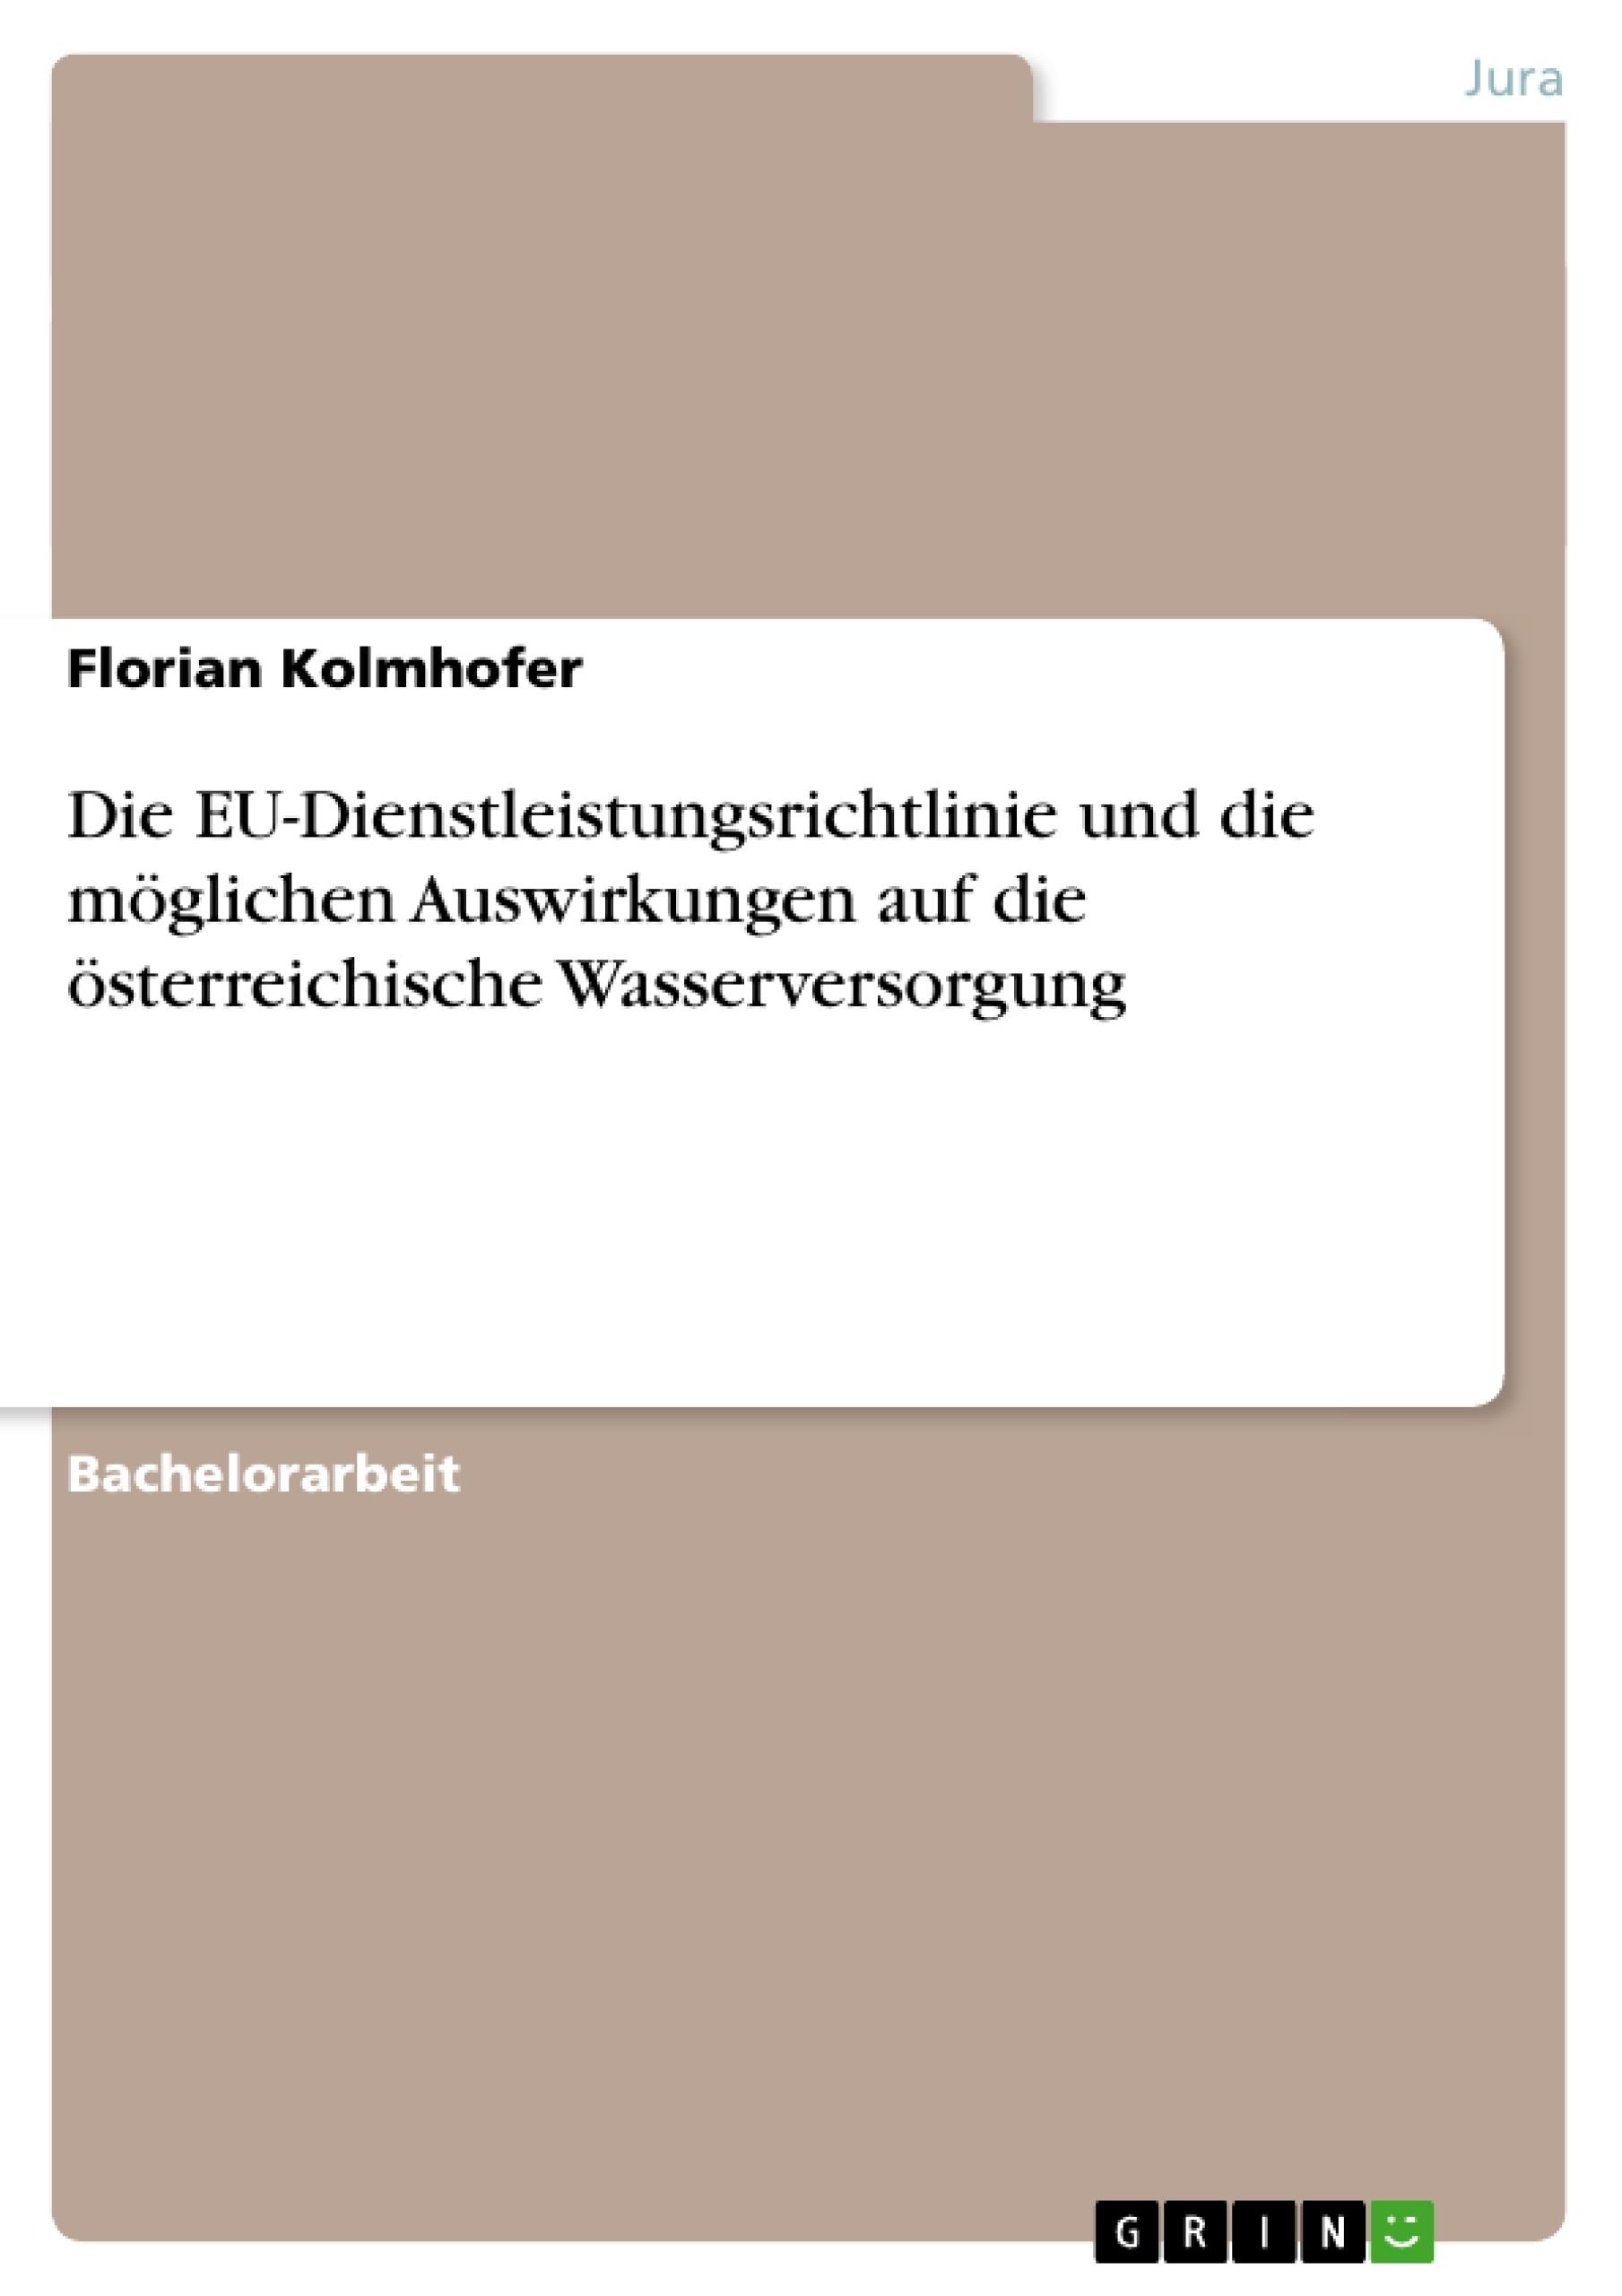 Titel: Die EU-Dienstleistungsrichtlinie und die möglichen Auswirkungen auf die österreichische Wasserversorgung